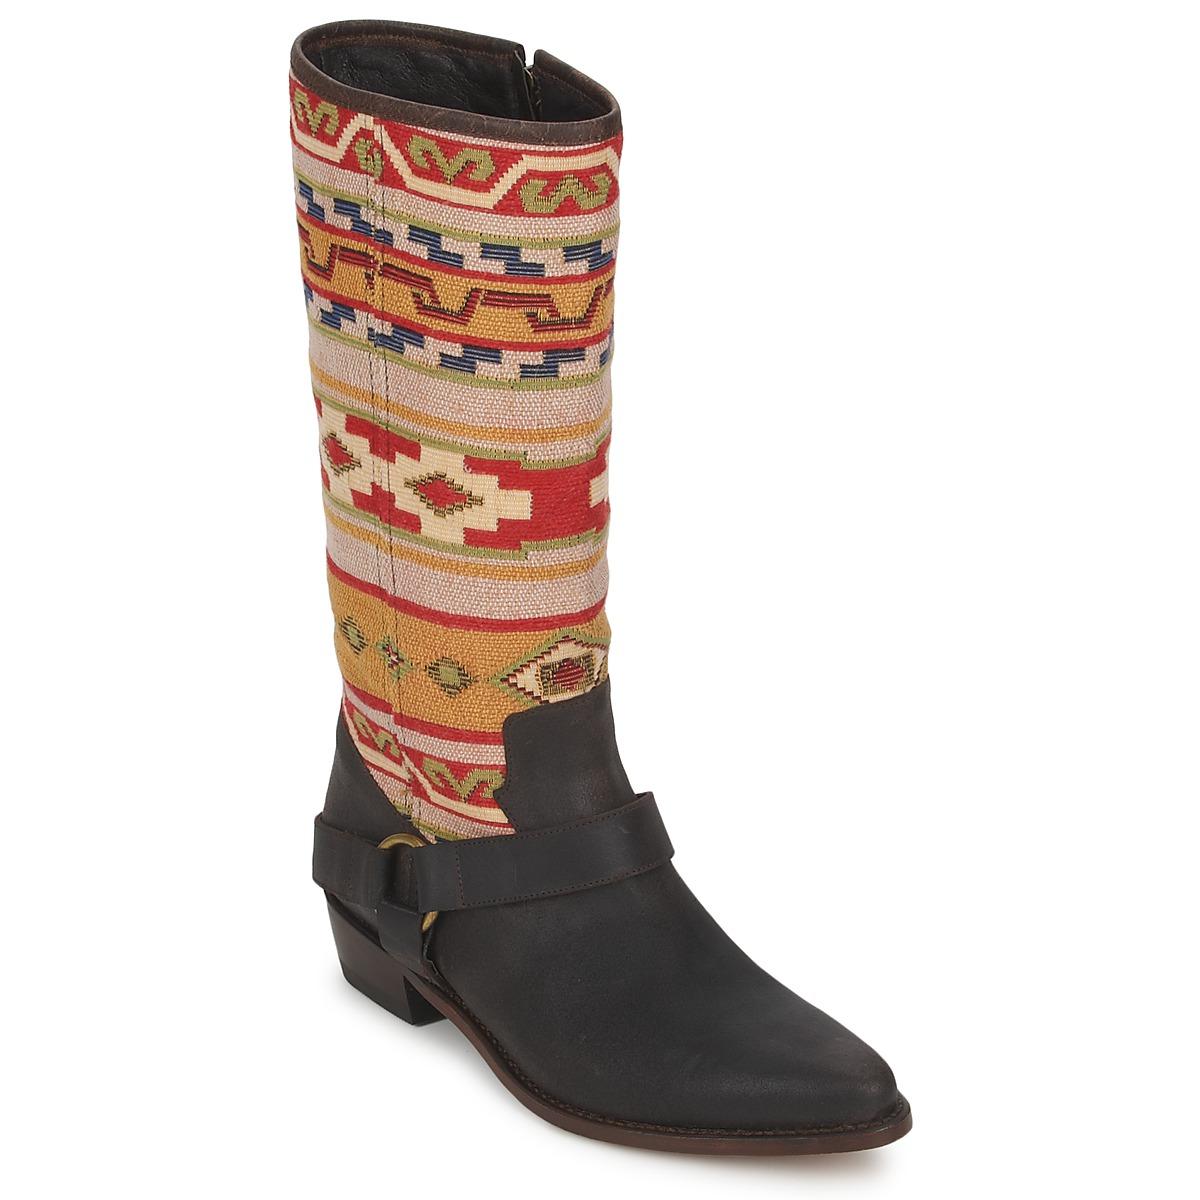 Sancho Boots CROSTA TIBUR GAVA Kastanienrot - Kostenloser Versand bei Spartoode ! - Schuhe Klassische Stiefel Damen 144,50 €